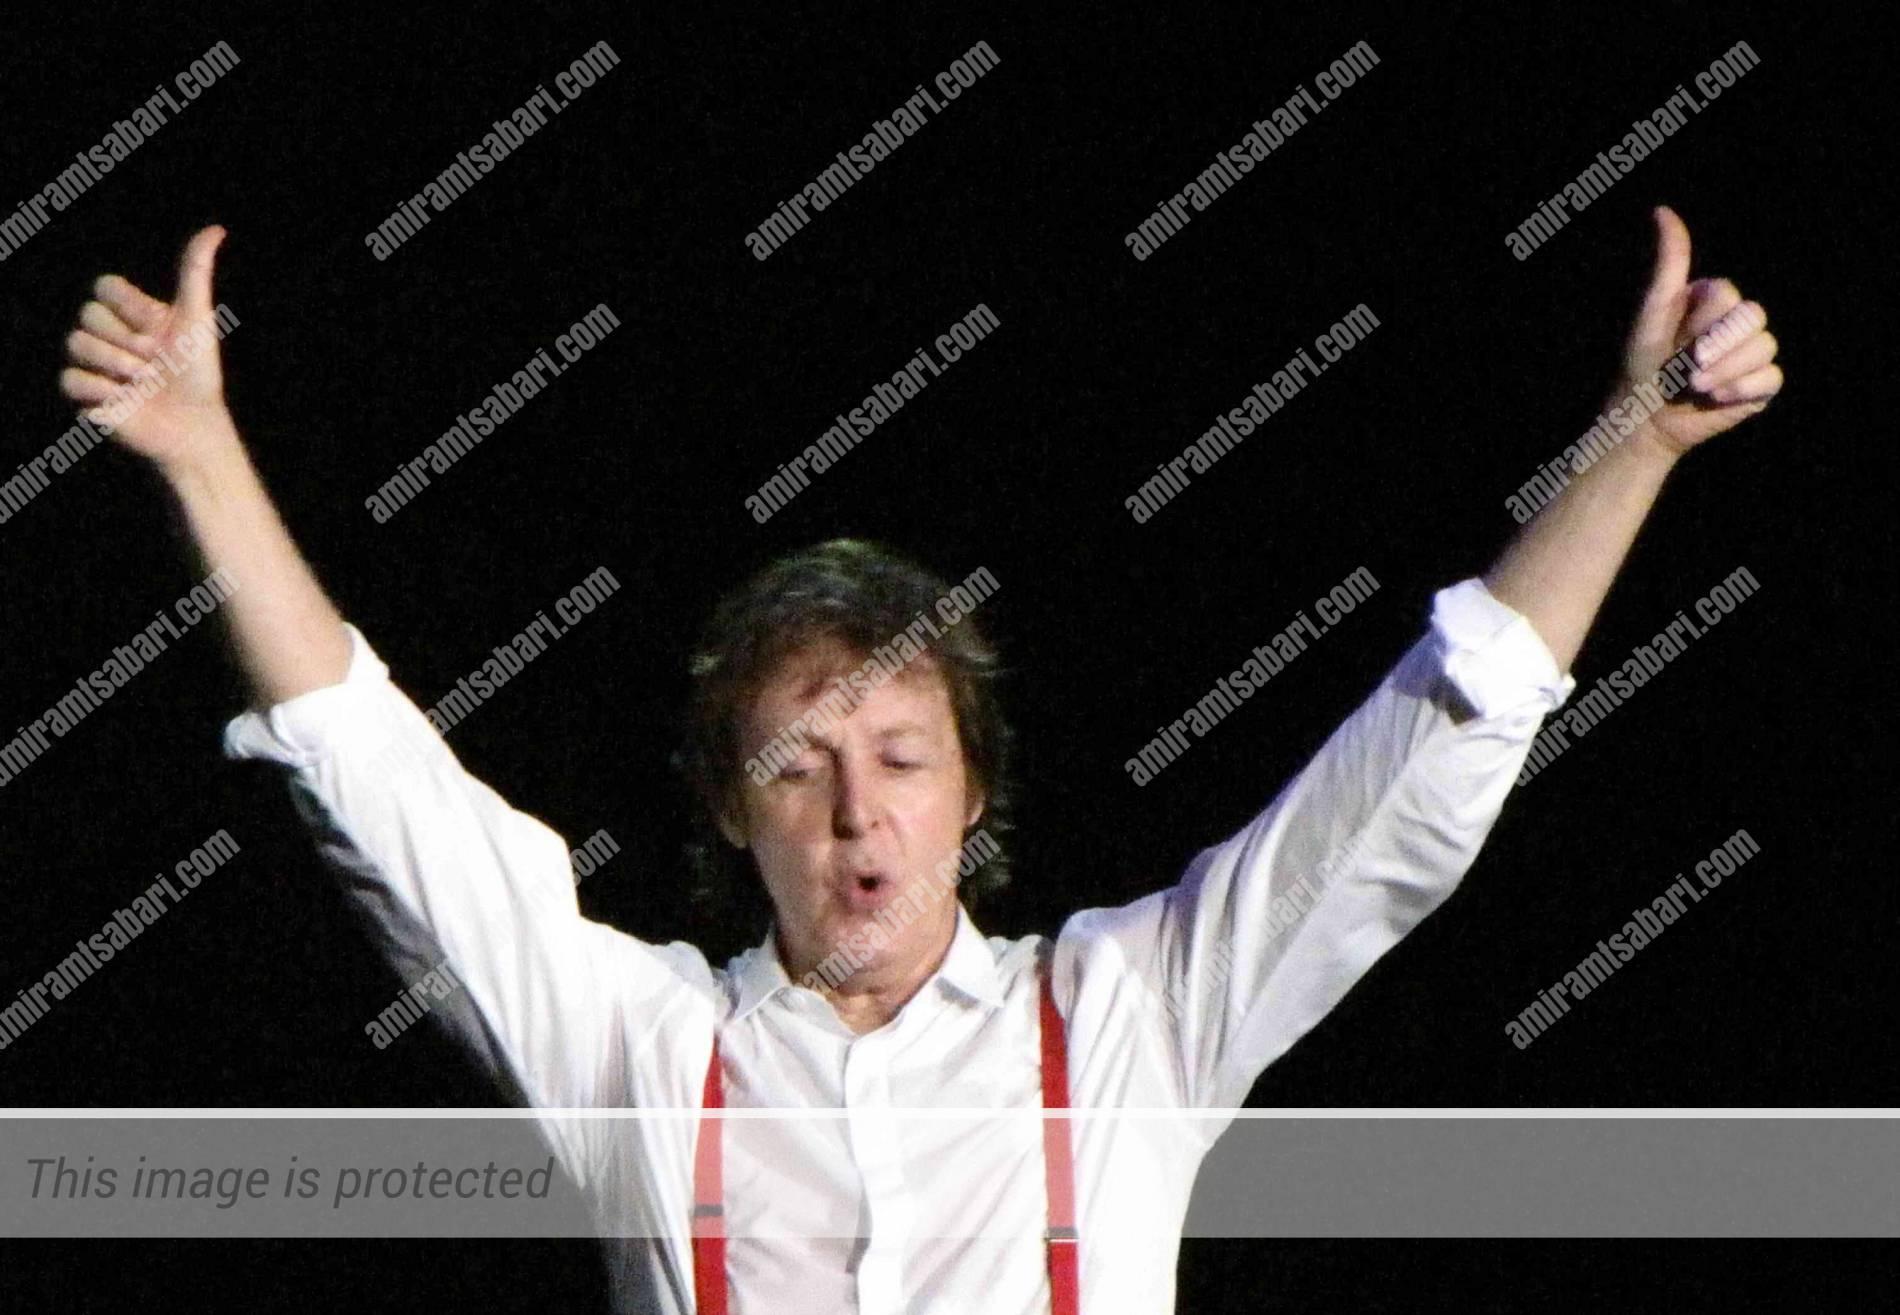 פול מקרטני - הקלות בברלינגטון ארקייד